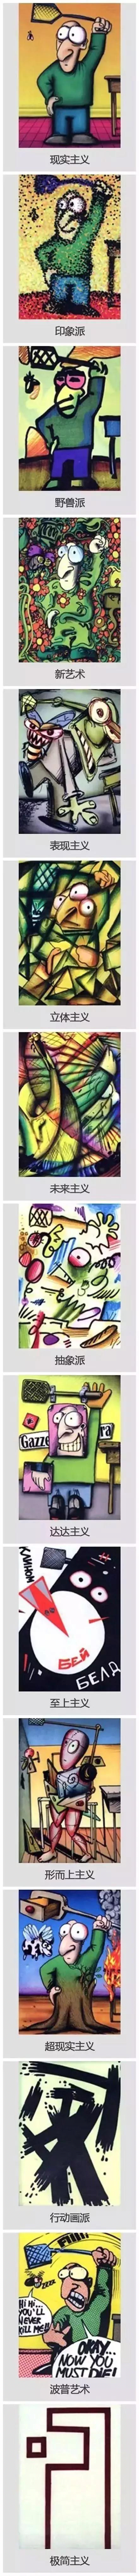 一幅画读懂艺术所有流派